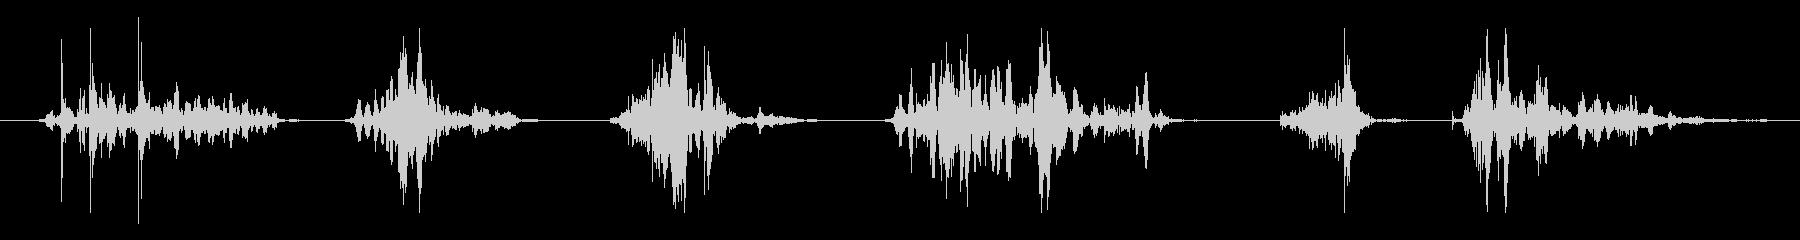 ウッド、ヘビードラッグショートx6の未再生の波形